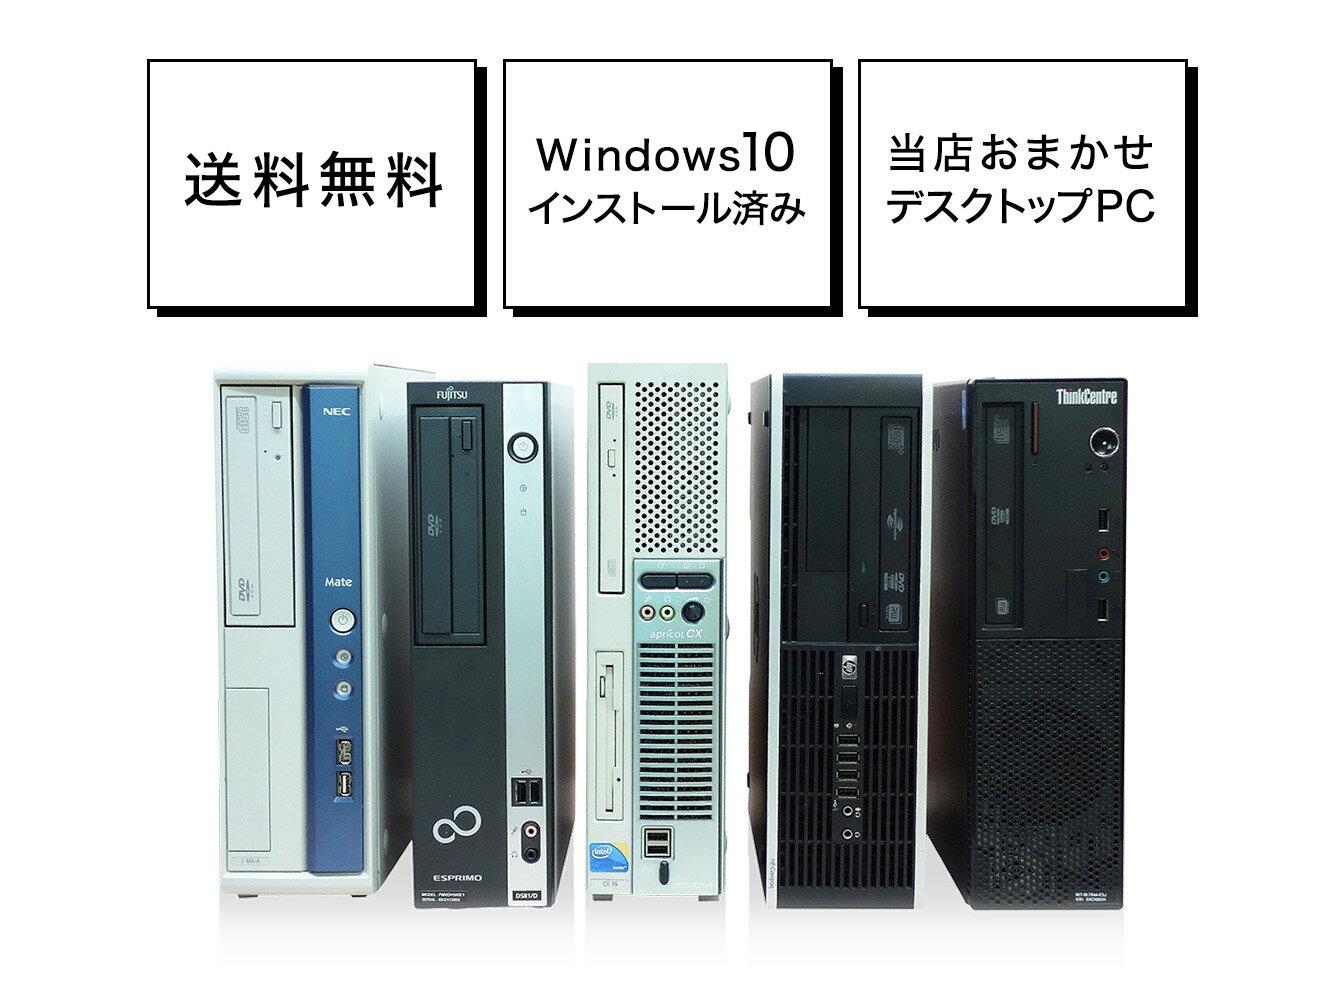 Windows10がすぐに使える 中古パソコン デスクトップ おまかせパソコン Celeron(または相当のAMD等)以上 メモリ2GB HDD160GB【中古】【送料無料】【100日保証】